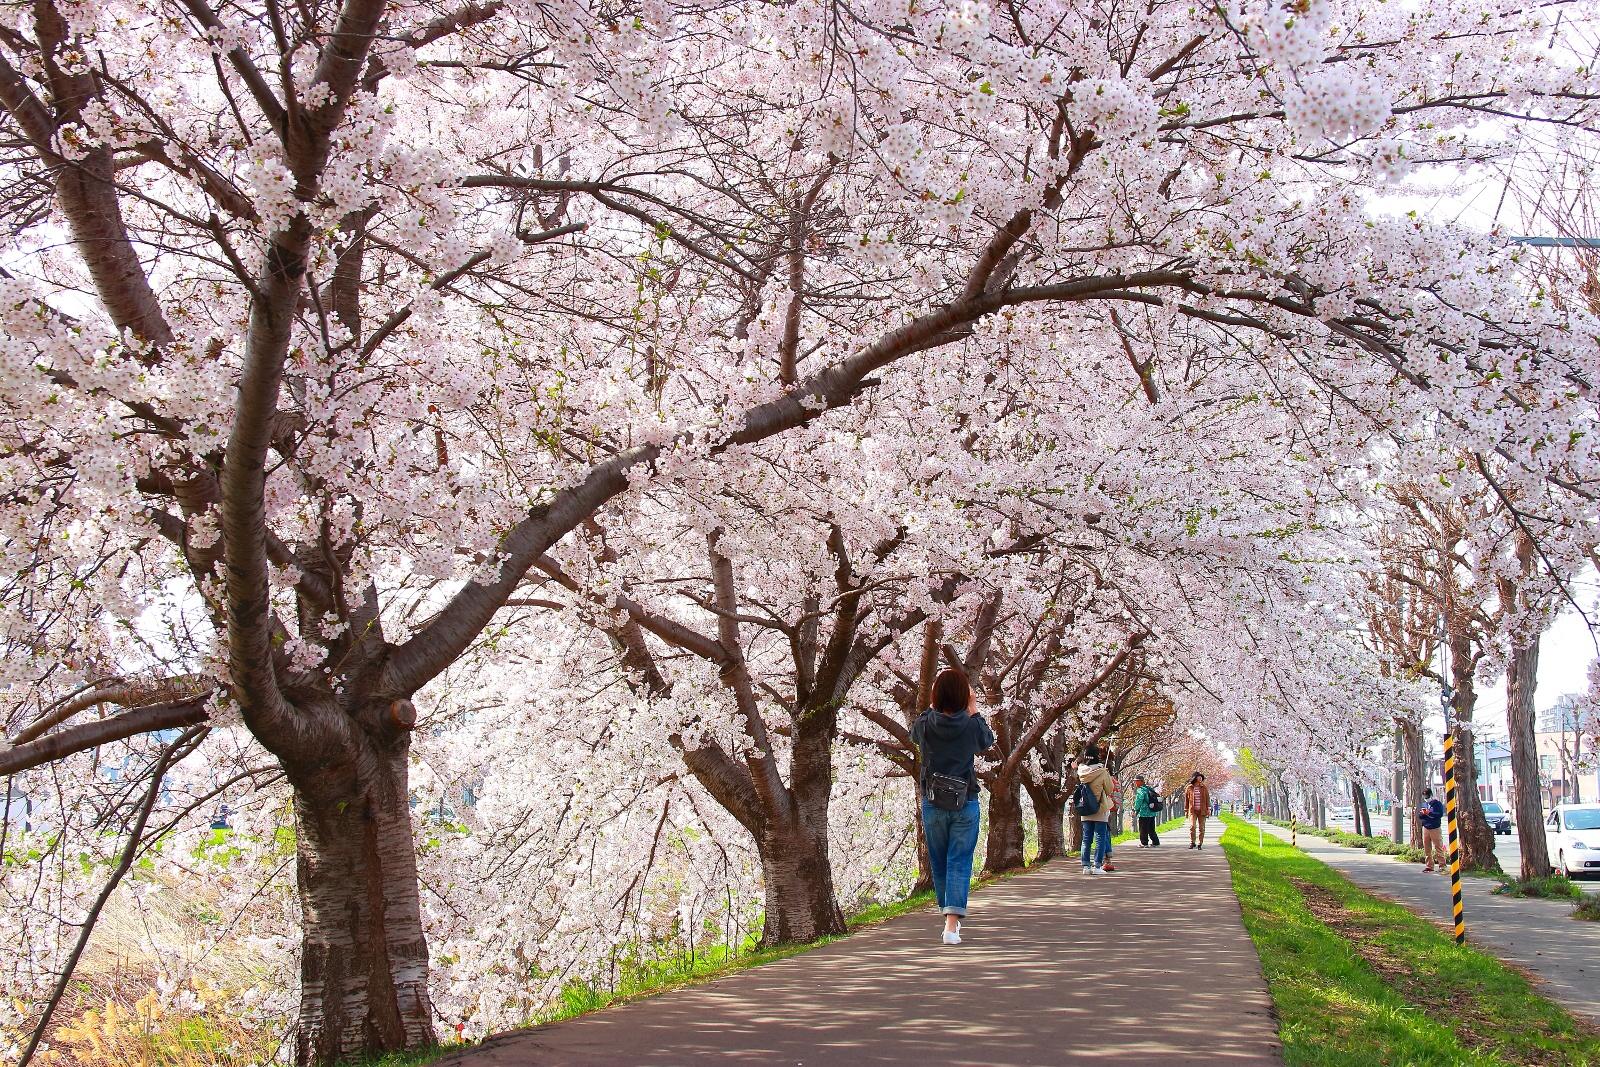 日本一の直線桜並木が札幌にあった?! 総延長10.5㎞「新川さくら並木」